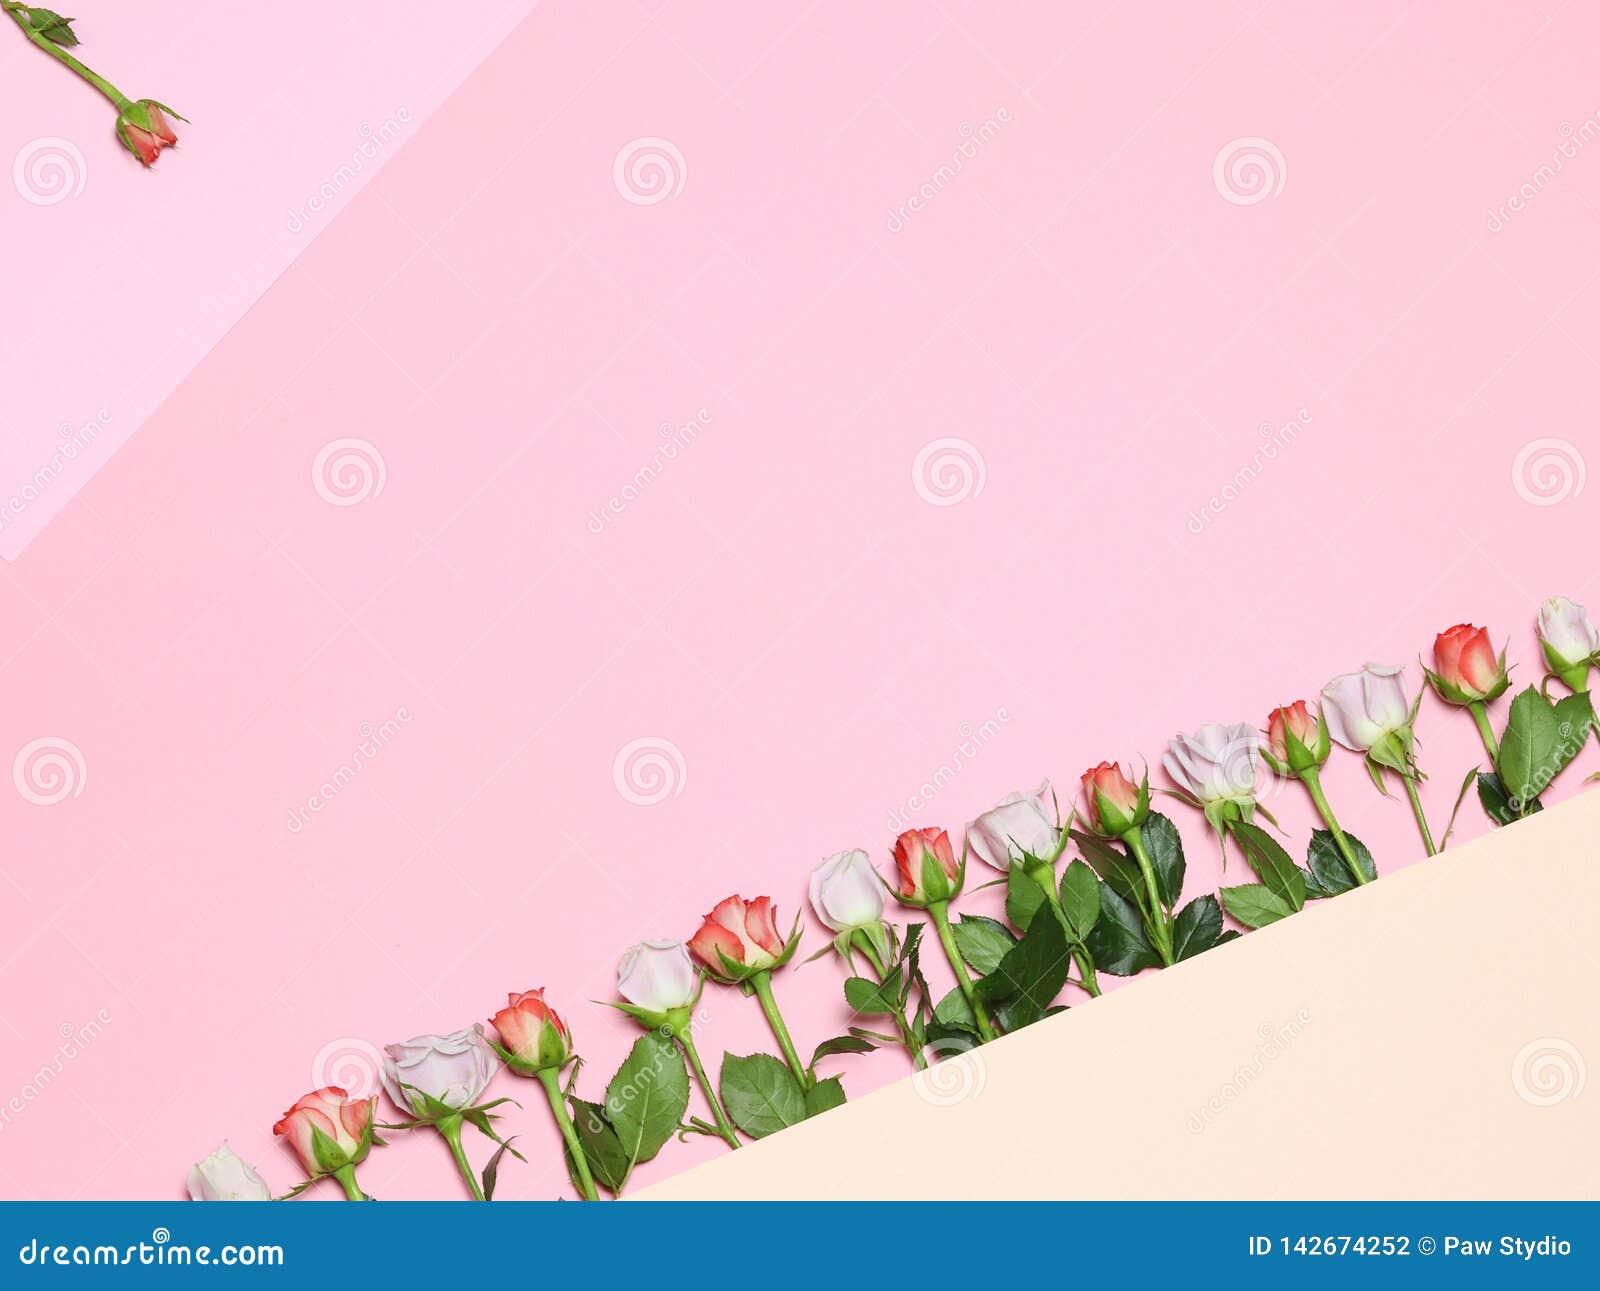 φως λουλουδιών ανασκόπησης playnig Επίπεδος βάλτε με τα ρόδινα τριαντάφυλλα Ρόδινα άσπρα τριαντάφυλλα Ρόδινη ανασκόπηση διακοπών